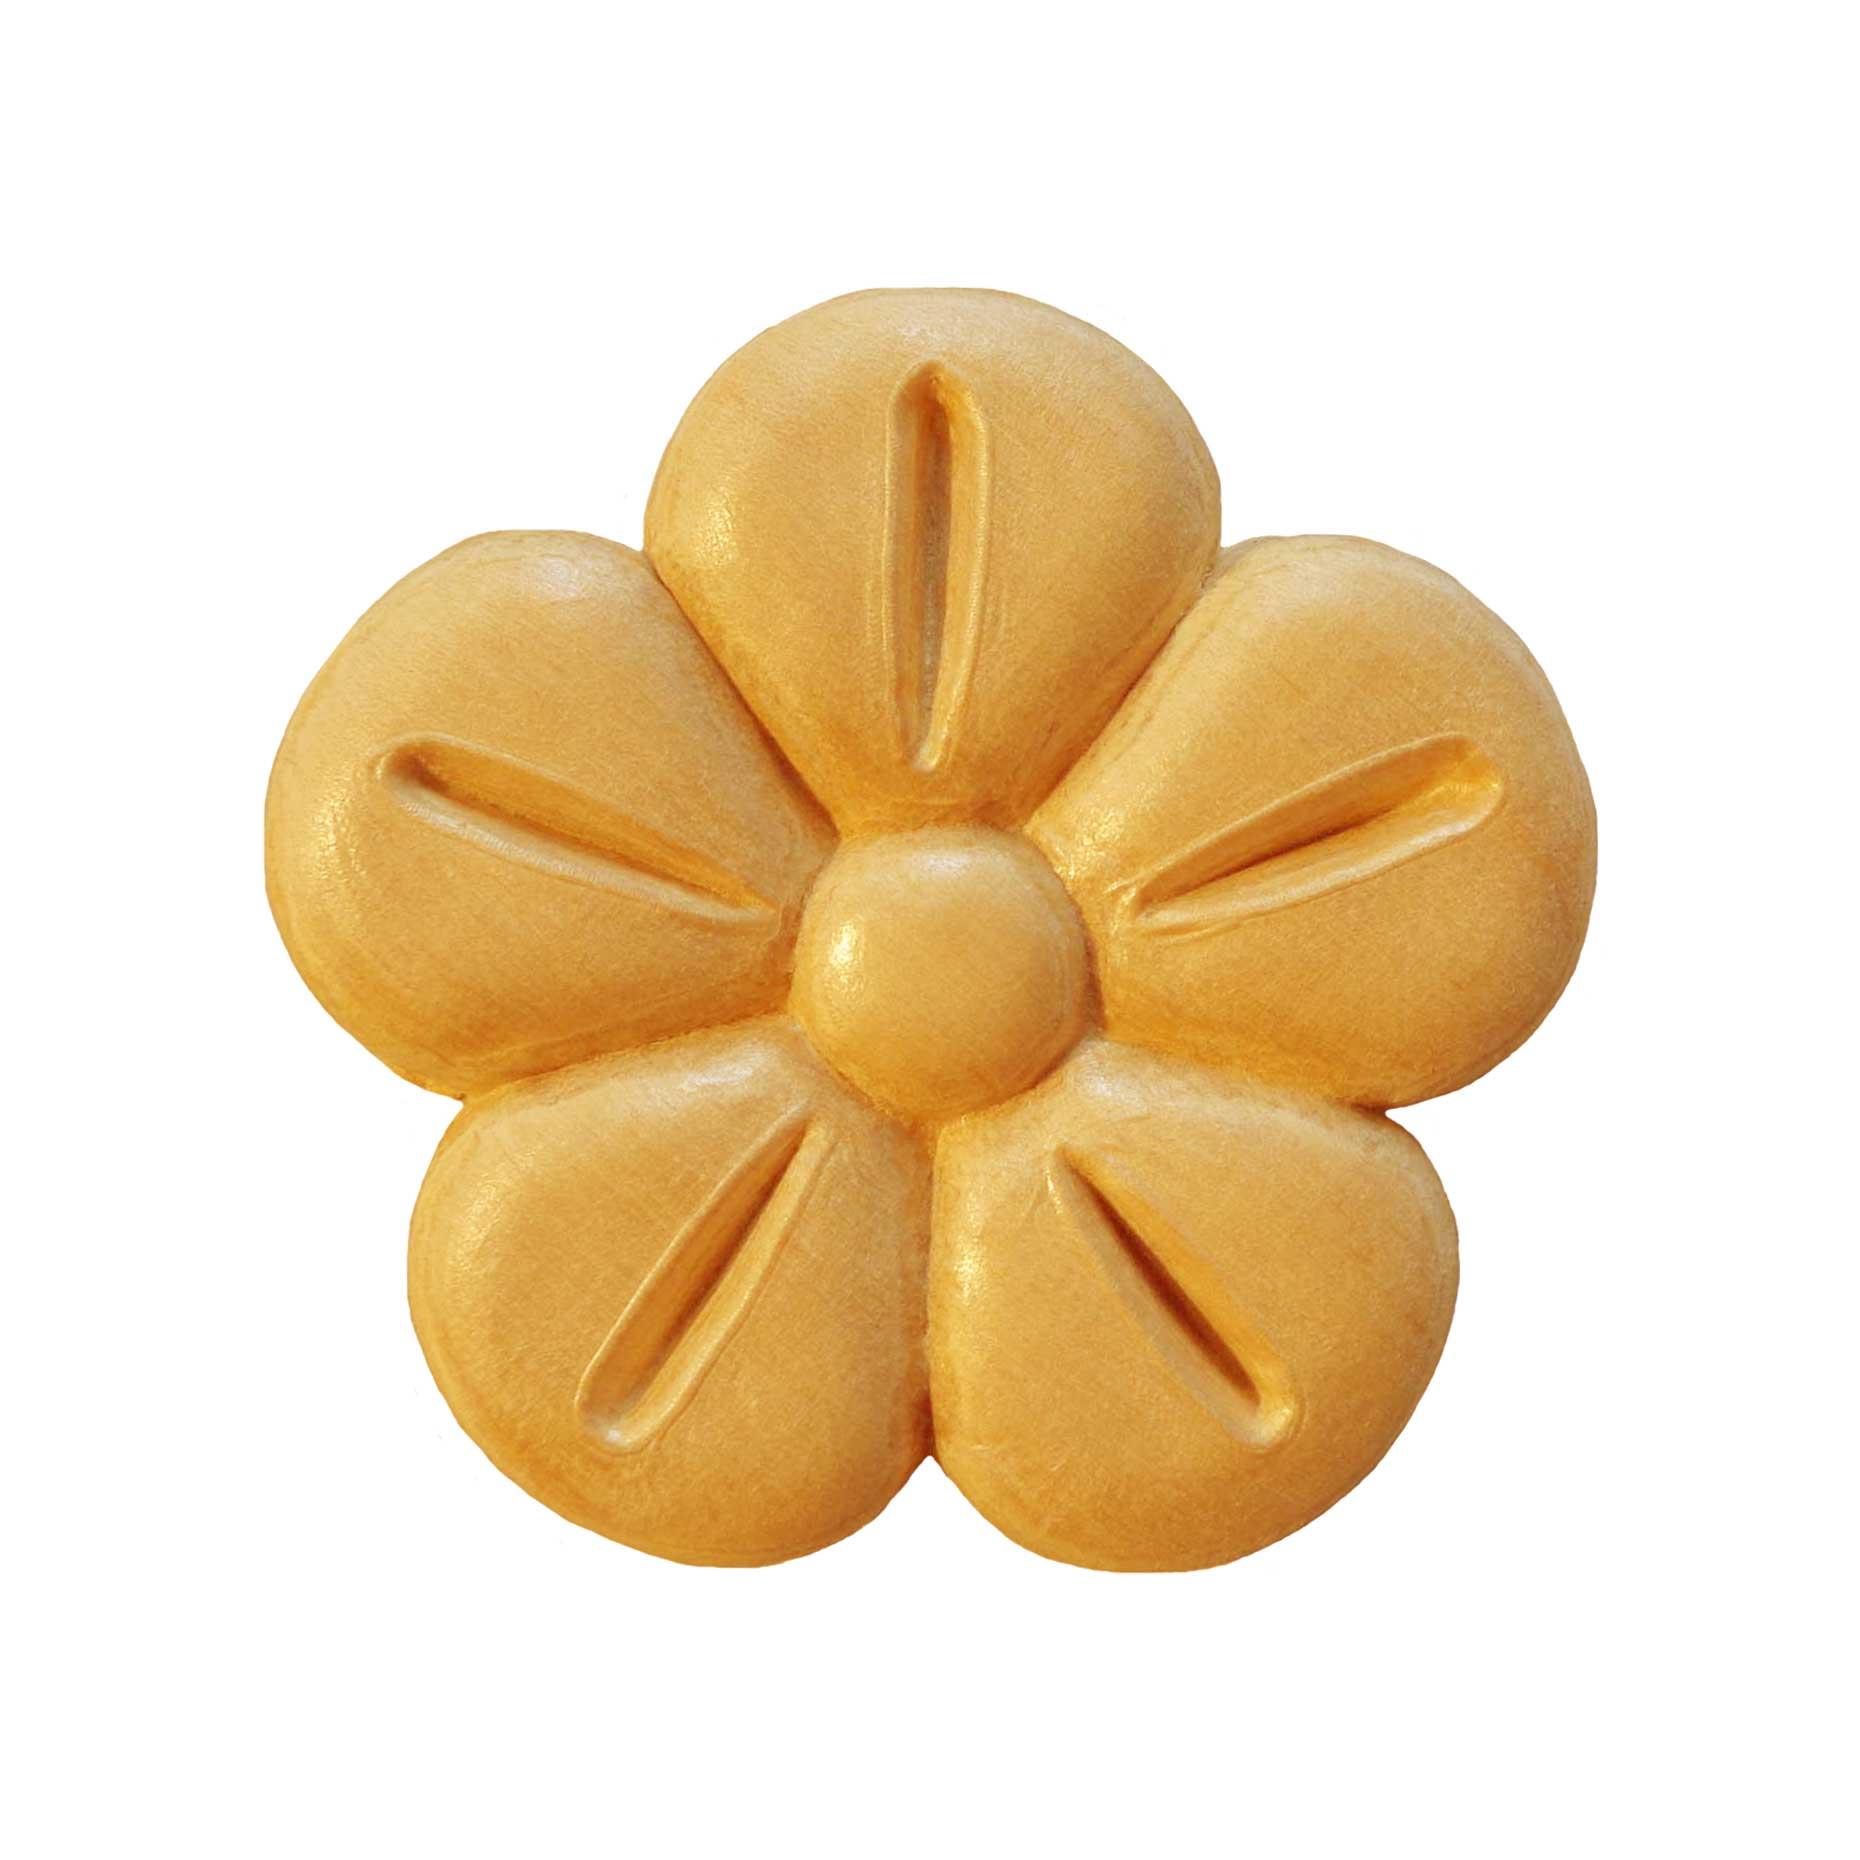 Sierdeel hout bloem Ø 55 x 7mm